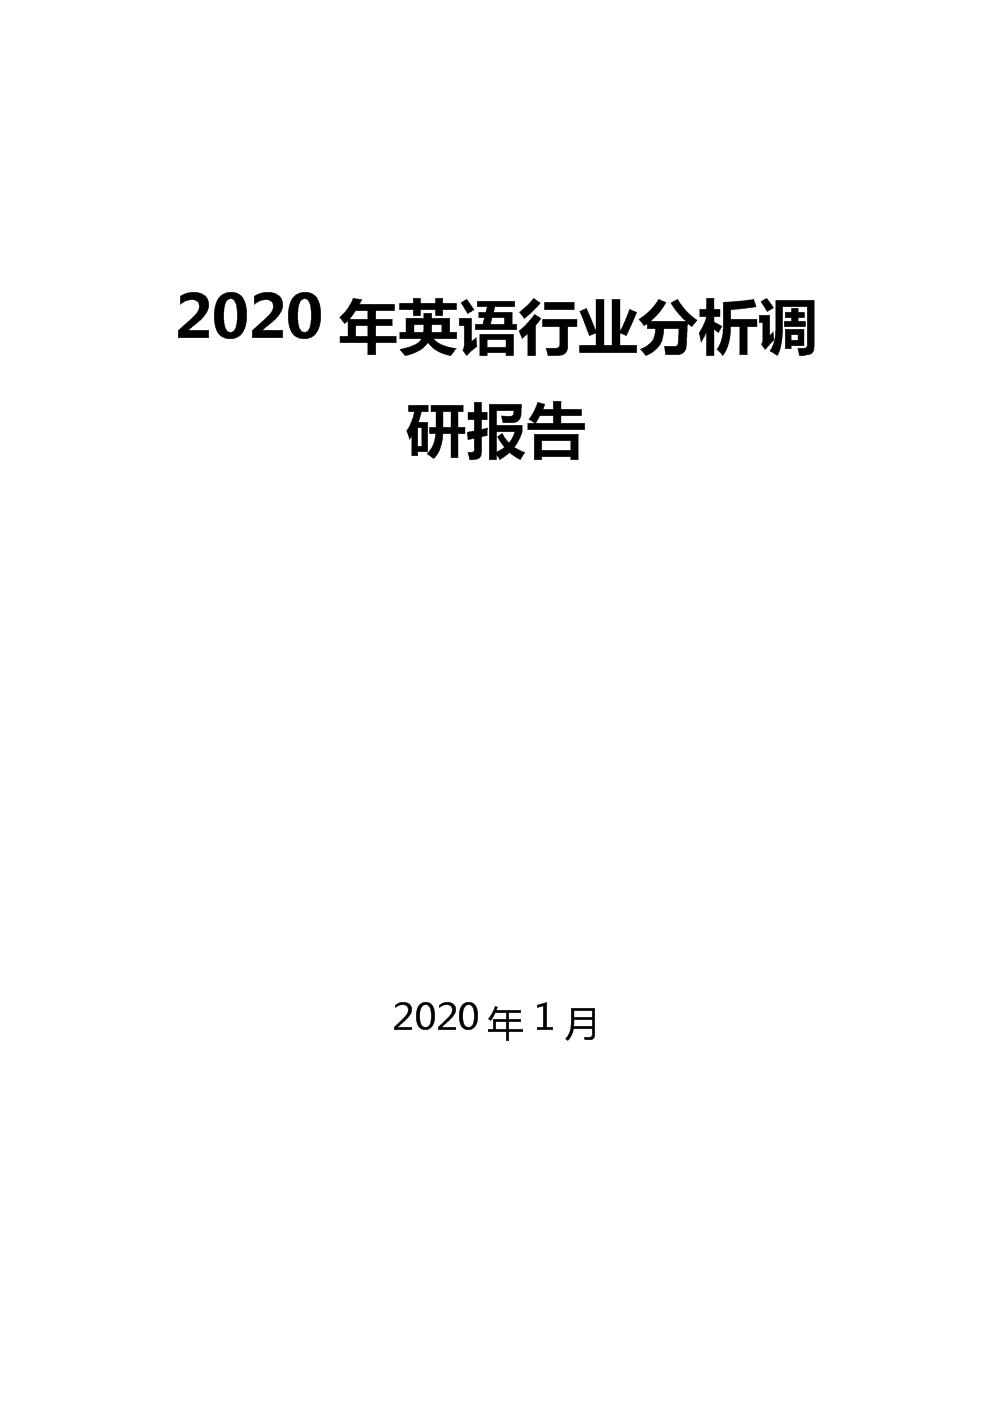 2020英语行业分析调研报告.docx